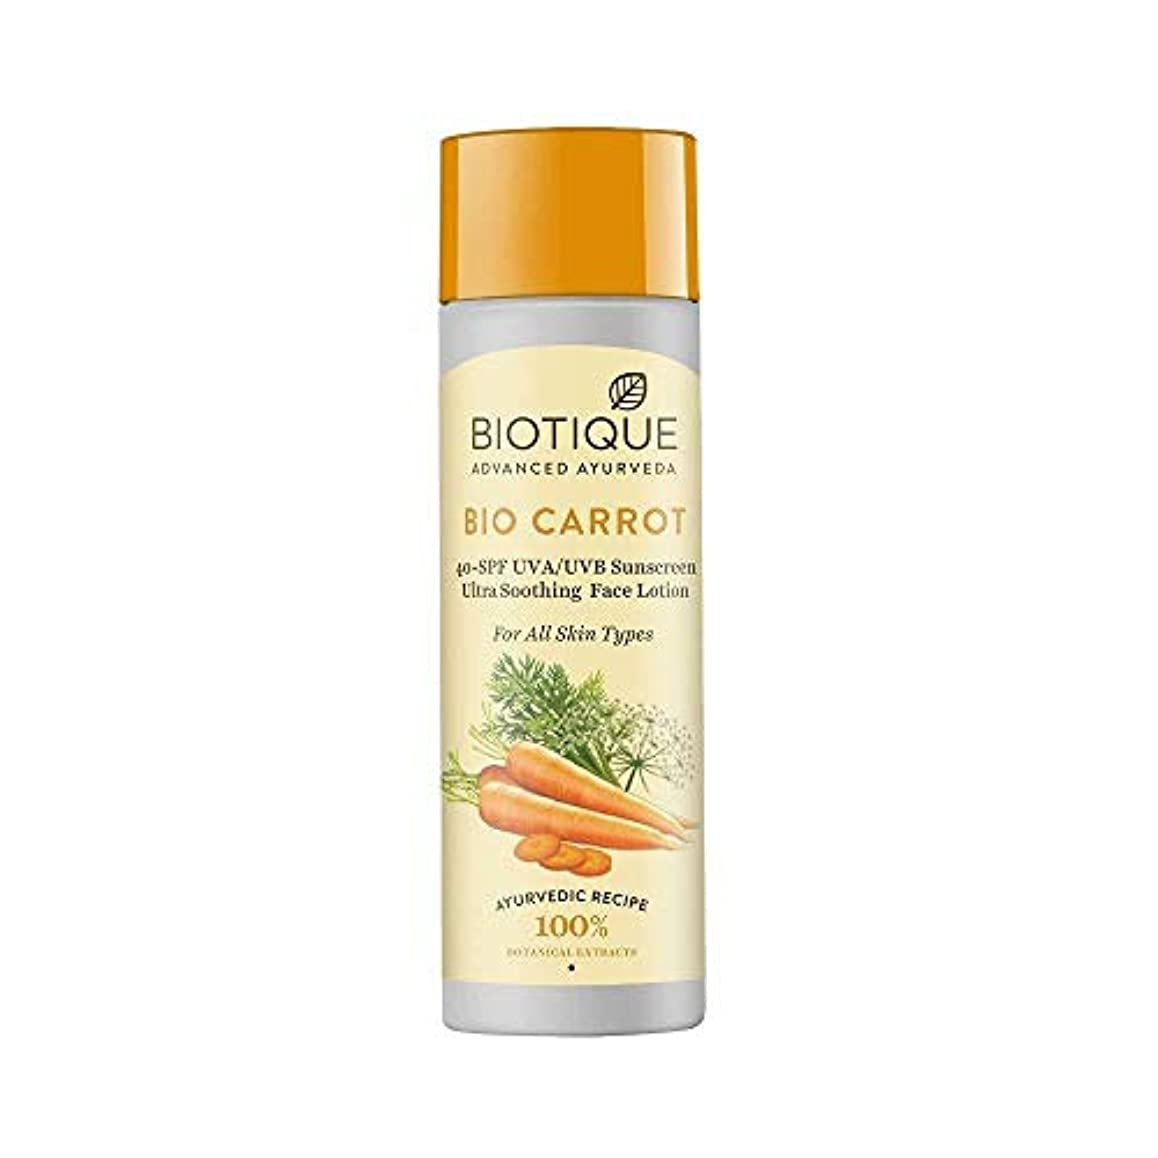 病院結婚自我Biotique Bio Carrot Face & Body Sun Lotion SPF 40 UVA/UVB Sunscreen 190ml ビオティックバイオニンジンフェイス&ボディサンローションSPF 40 UVA...